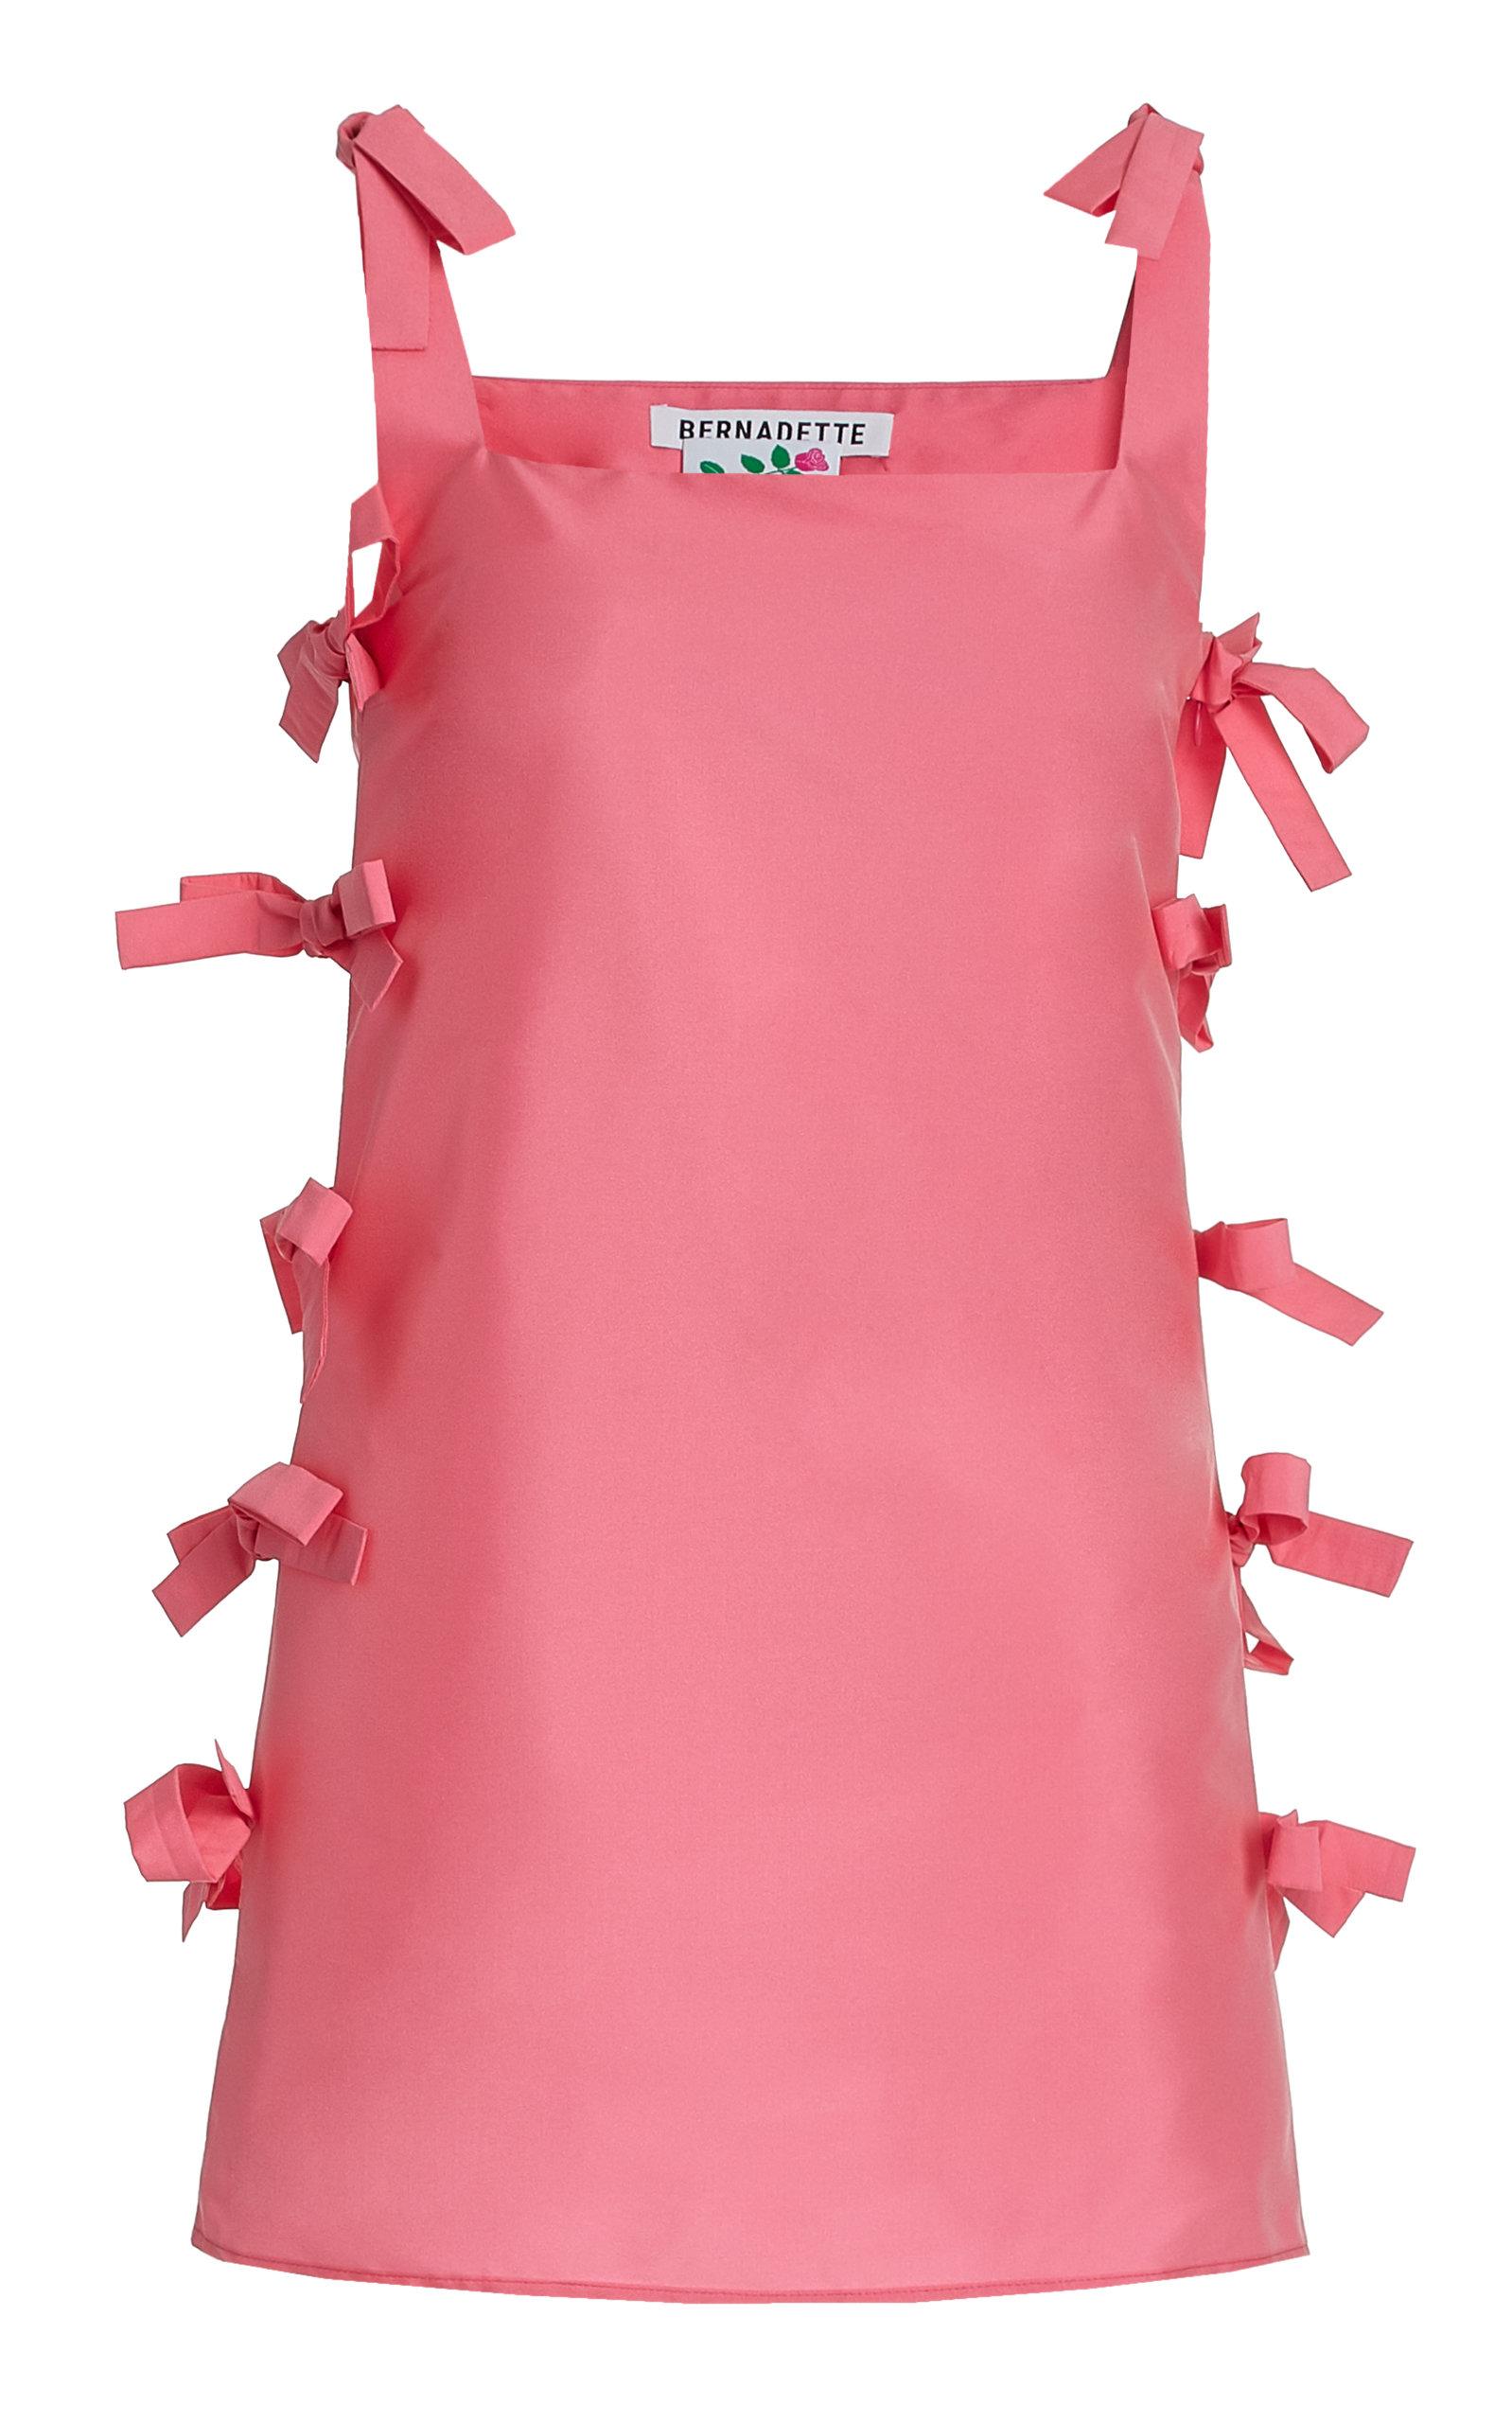 Bernadette Antwerp - Women's Lisa Tie-Detailed Taffeta Mini Dress - Pink - Moda Operandi